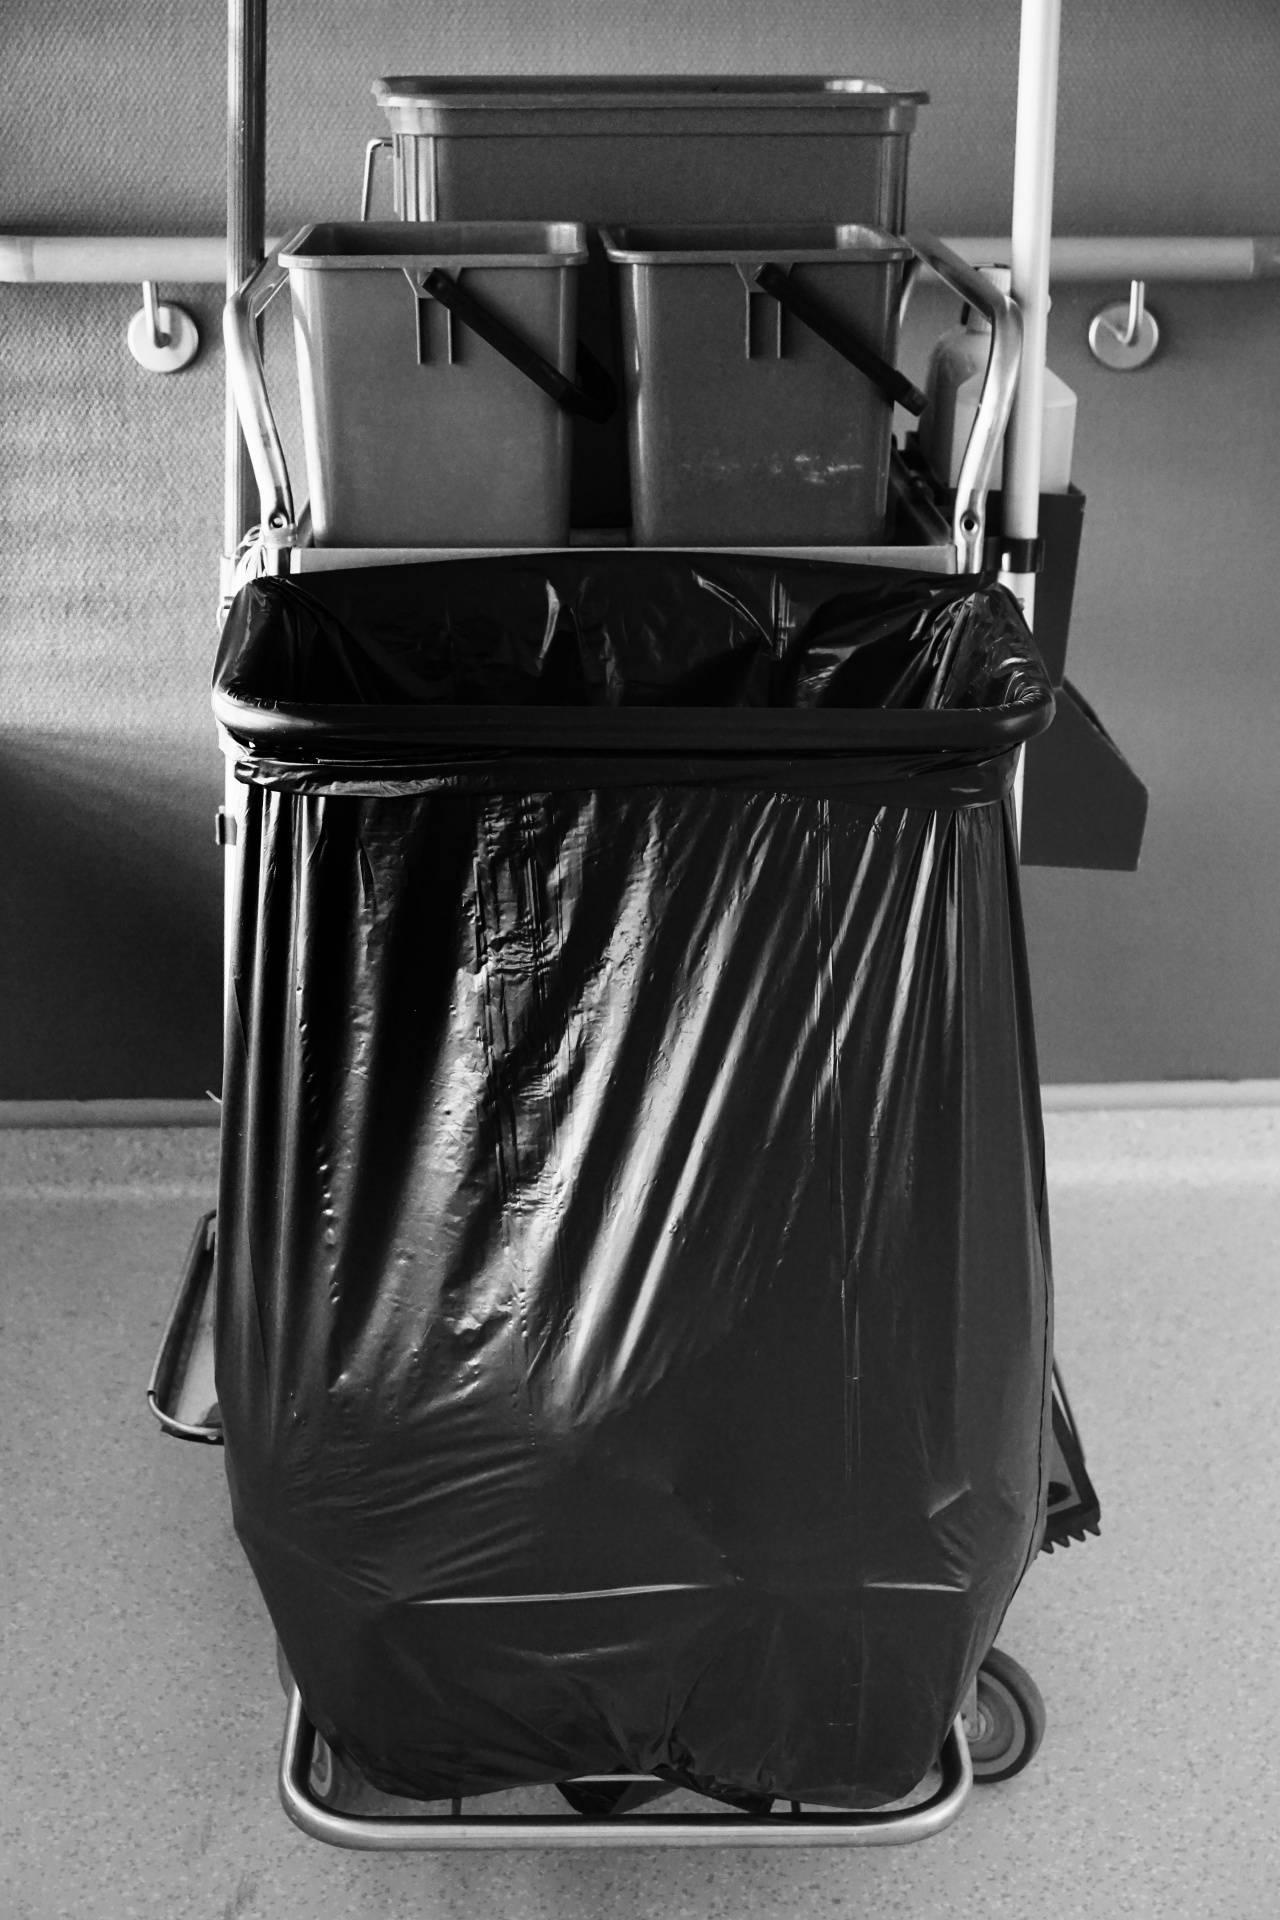 Personnes en situation de handicap : ARCADE vous propose un service d'enlèvement de vos déchets